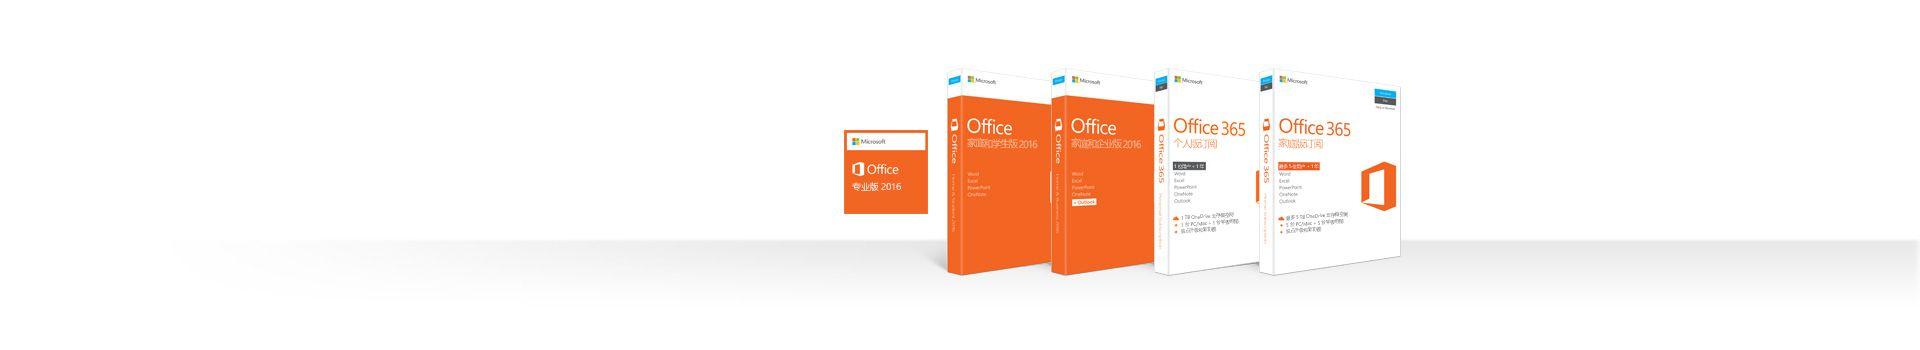 一排盒状的电脑版 Office 2016 和 Office 365 产品